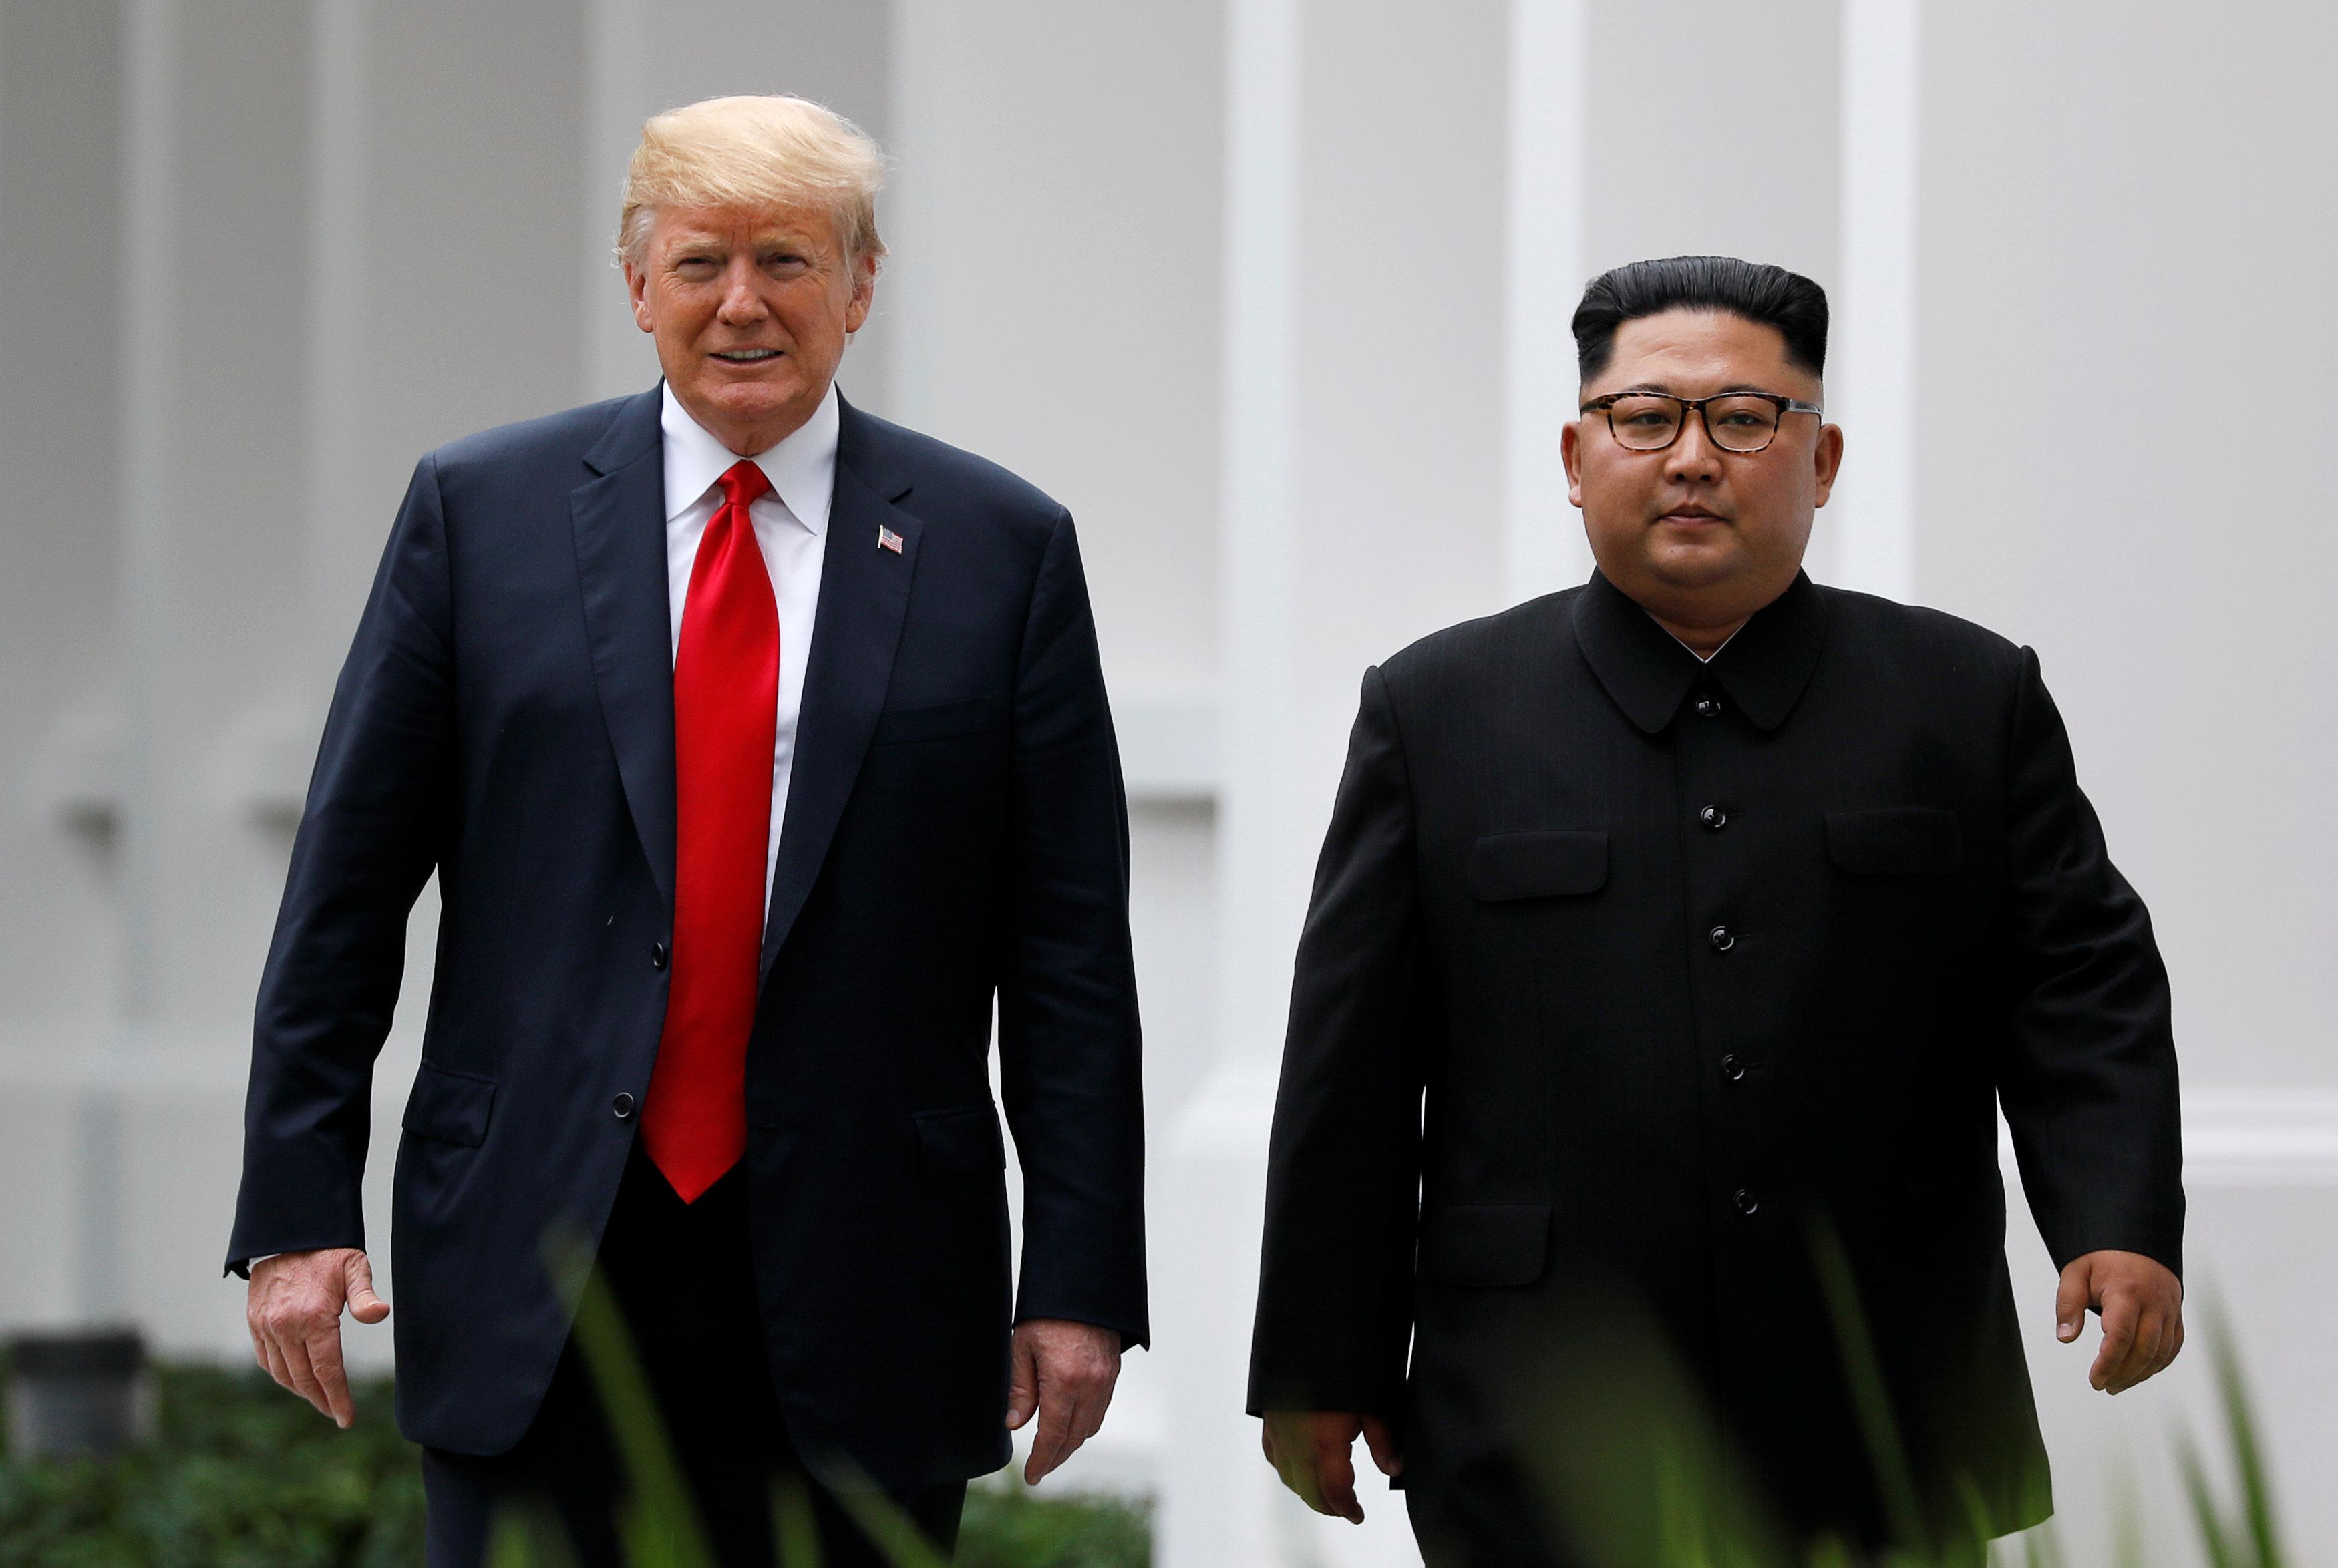 El mandatario estadounidense Donald Trump y el dictador norcoreano Kim Jong-un en la cumbre en Singapur el 12 de junio de 2018 (REUTERS/Jonathan Ernst)